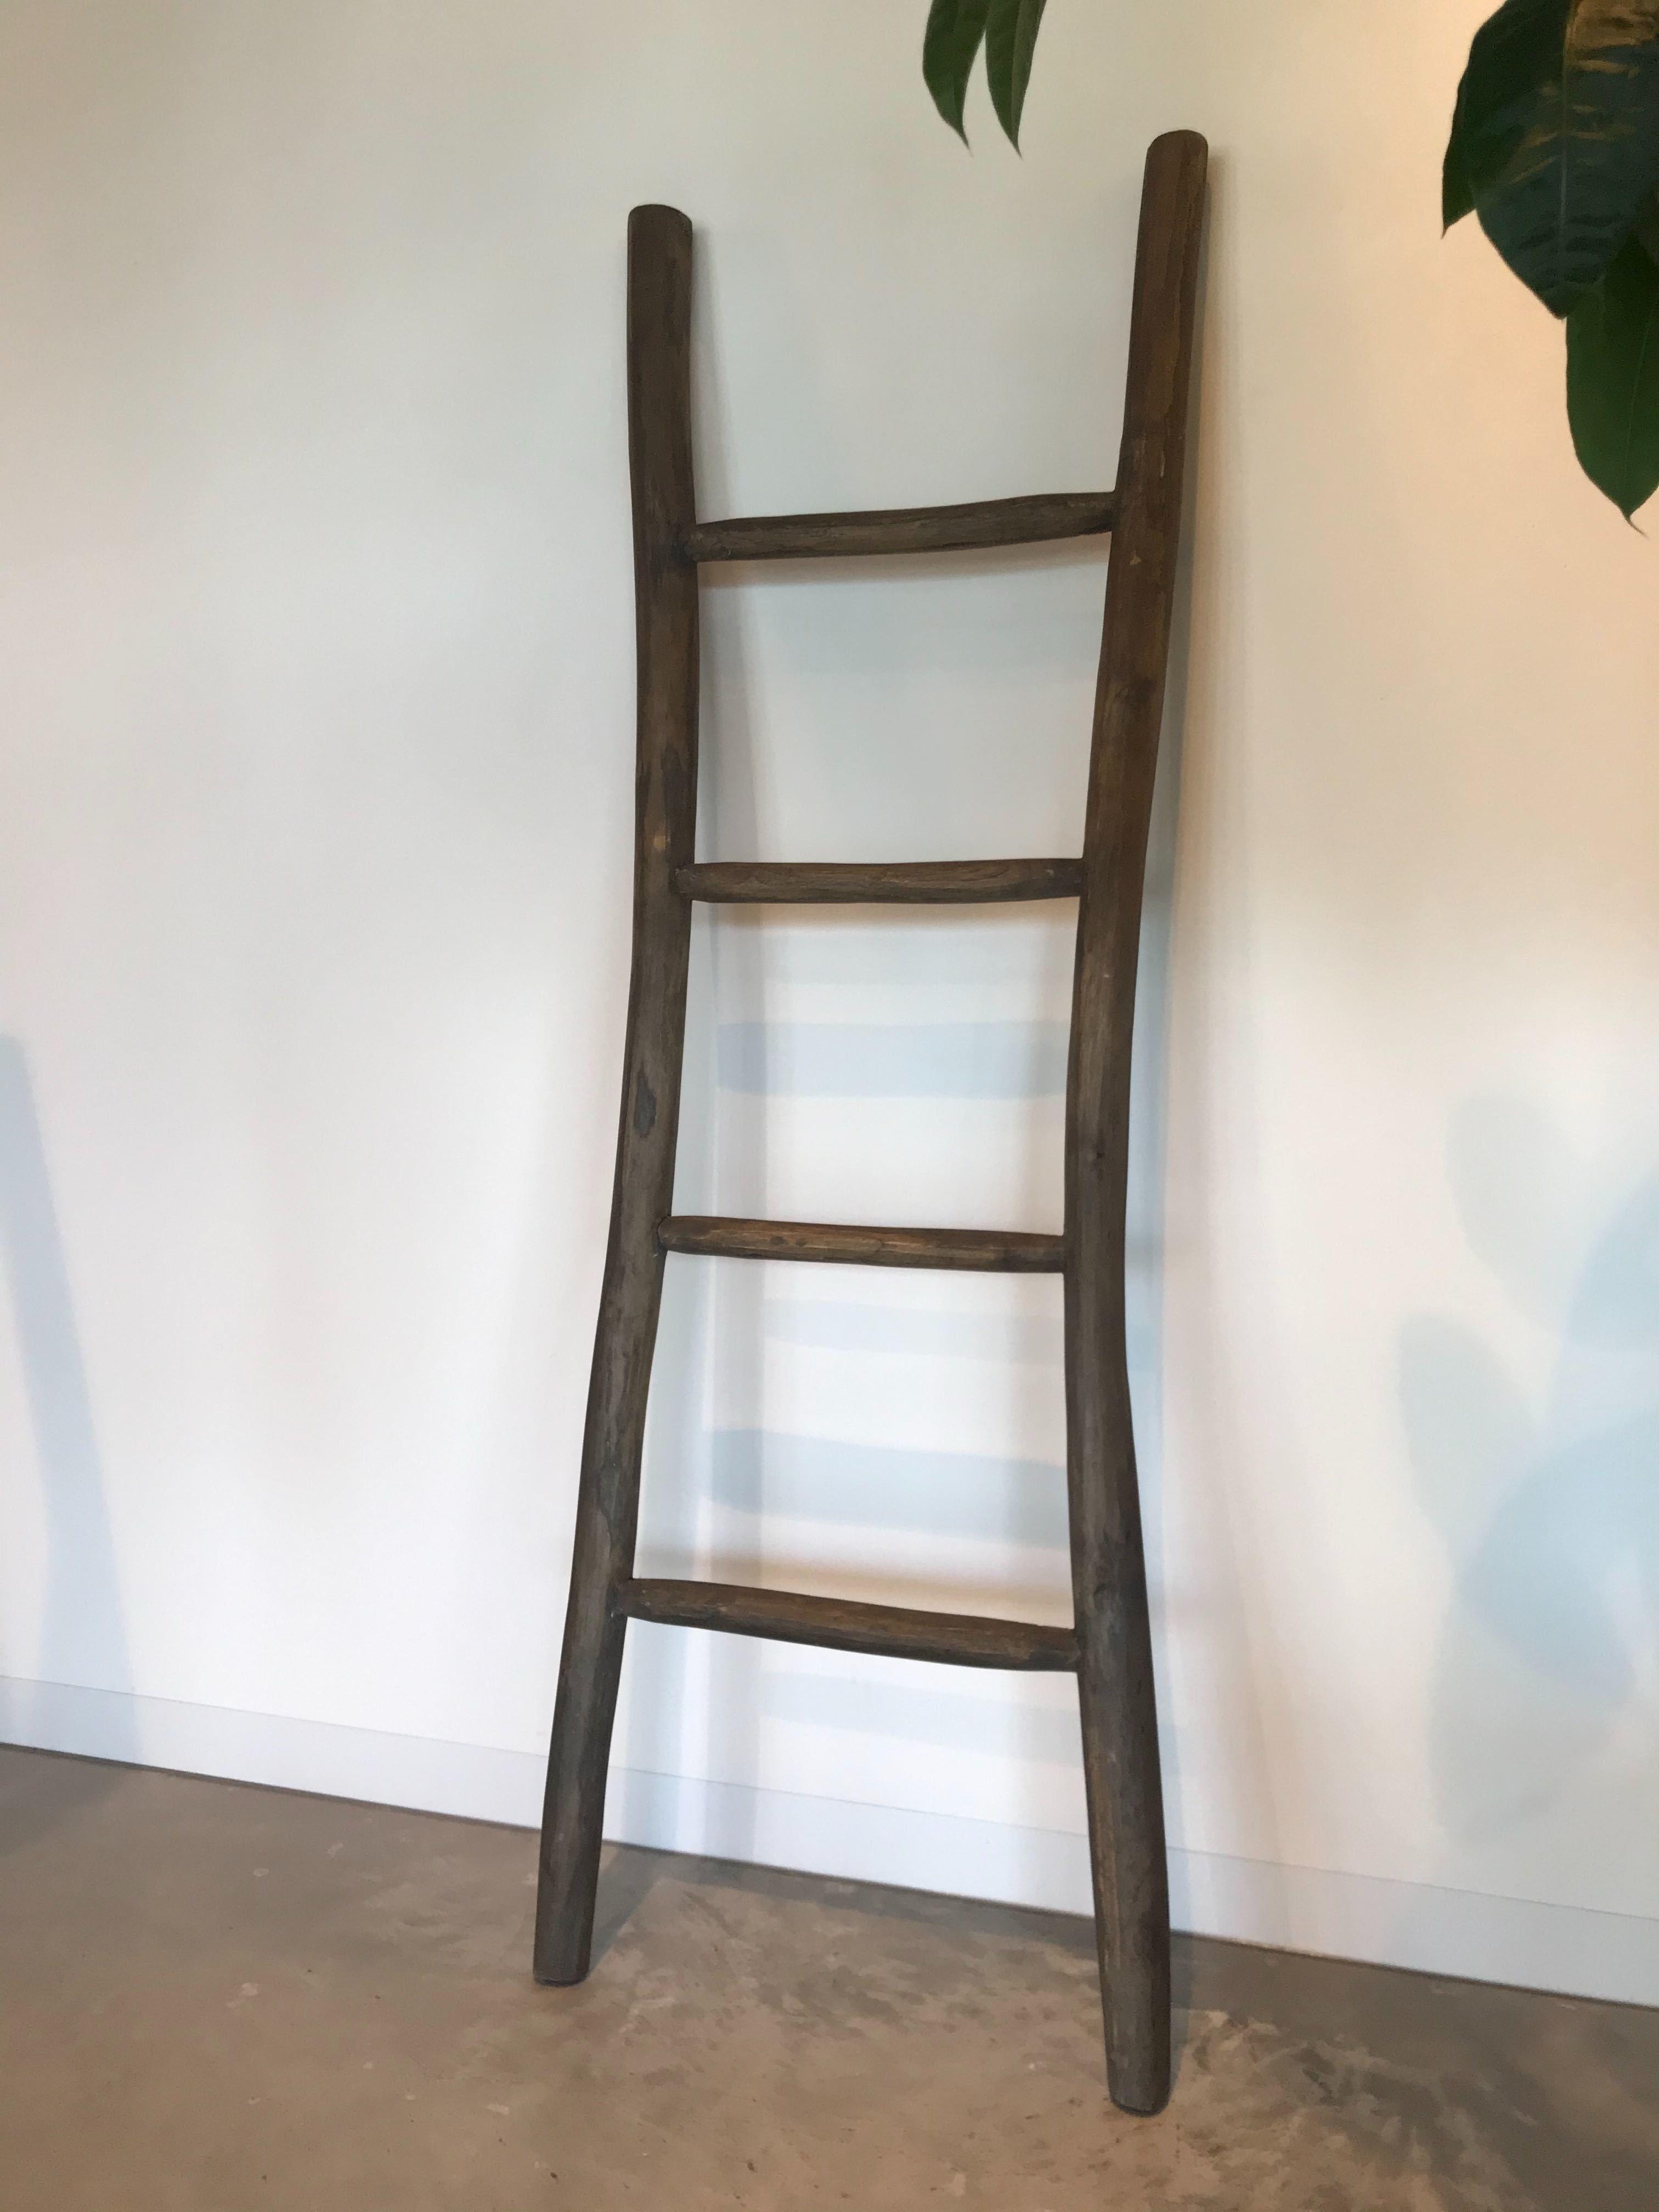 Houten Decoratie Ladder Van Massief Teakhout In De Badkamer